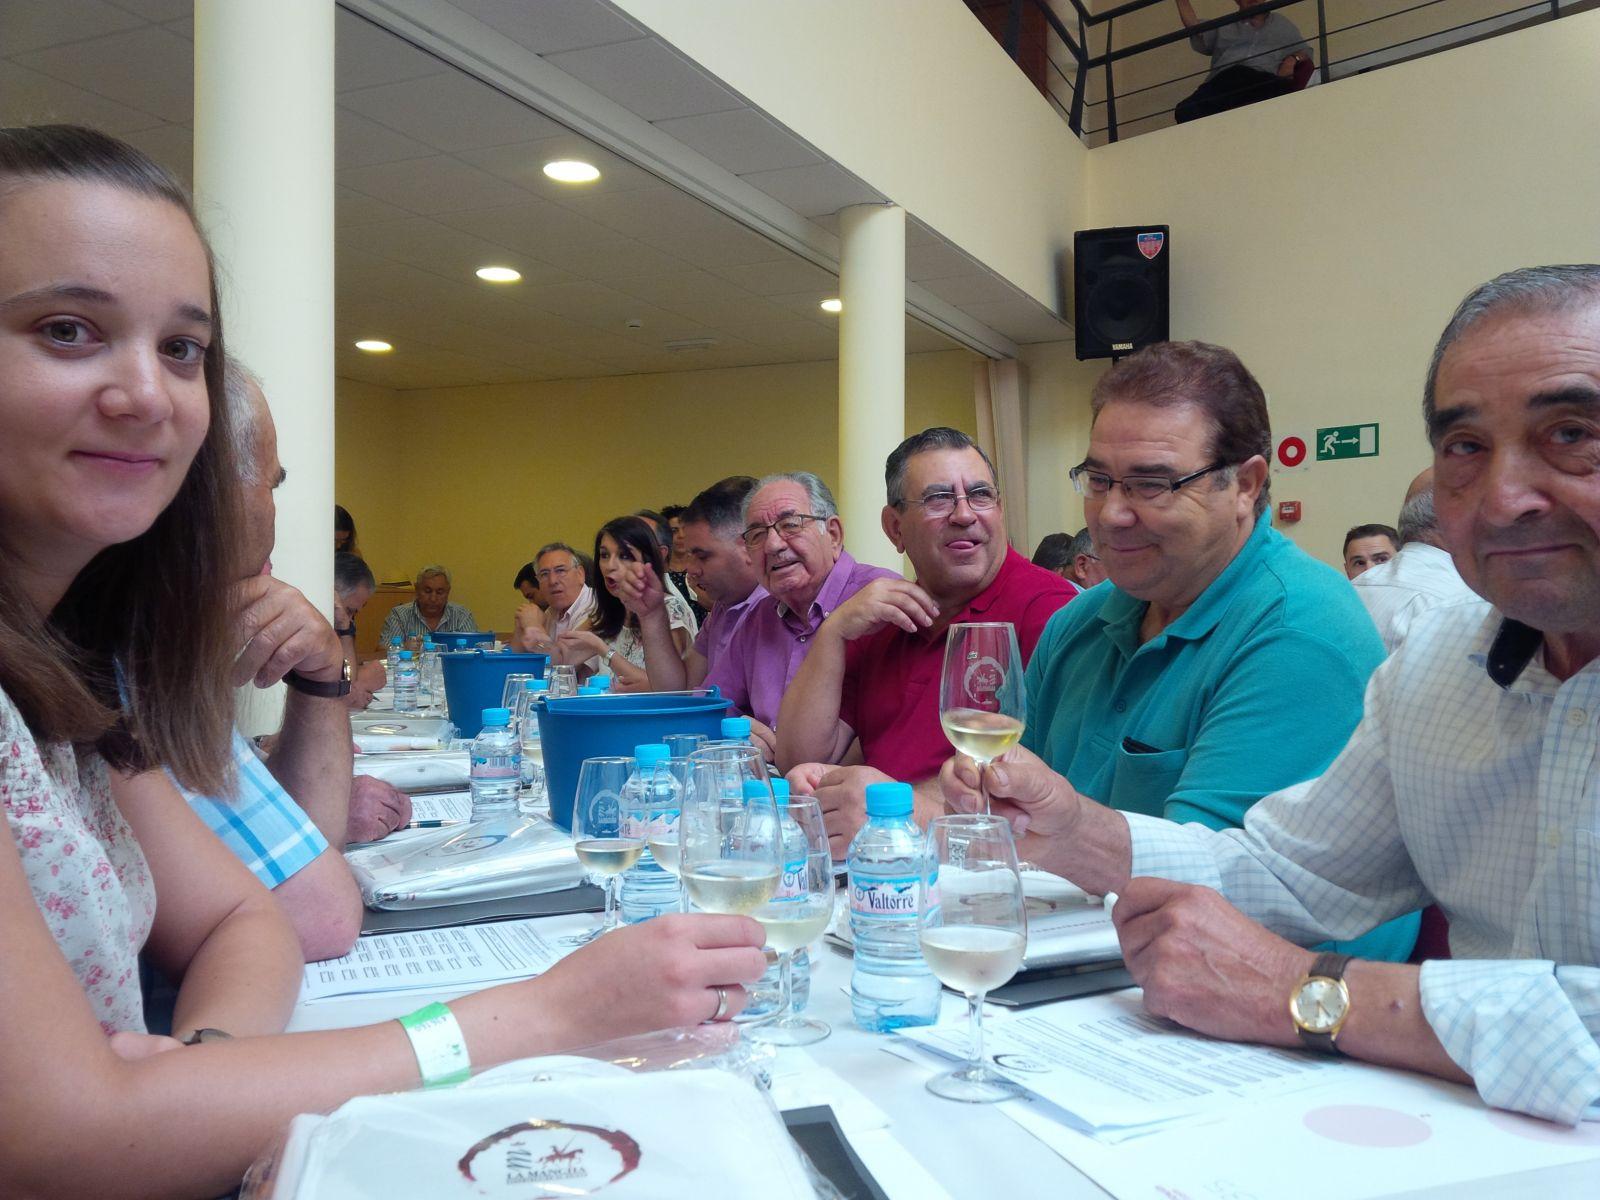 Algunos de los participantes en Maestro del vino